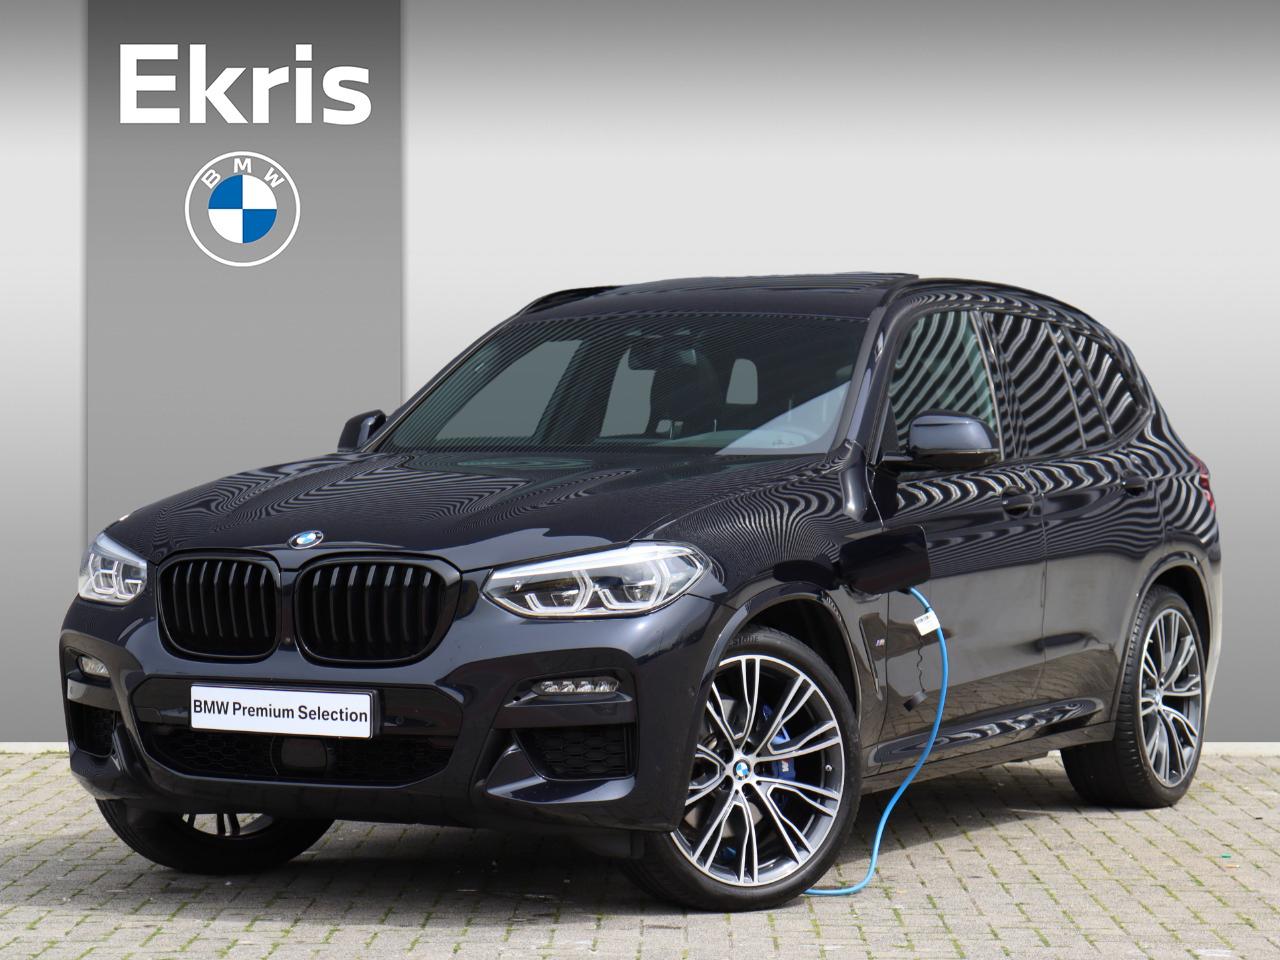 BMW Occasions bij Ekris.nl - Úw officiële BMW Dealer - BMW